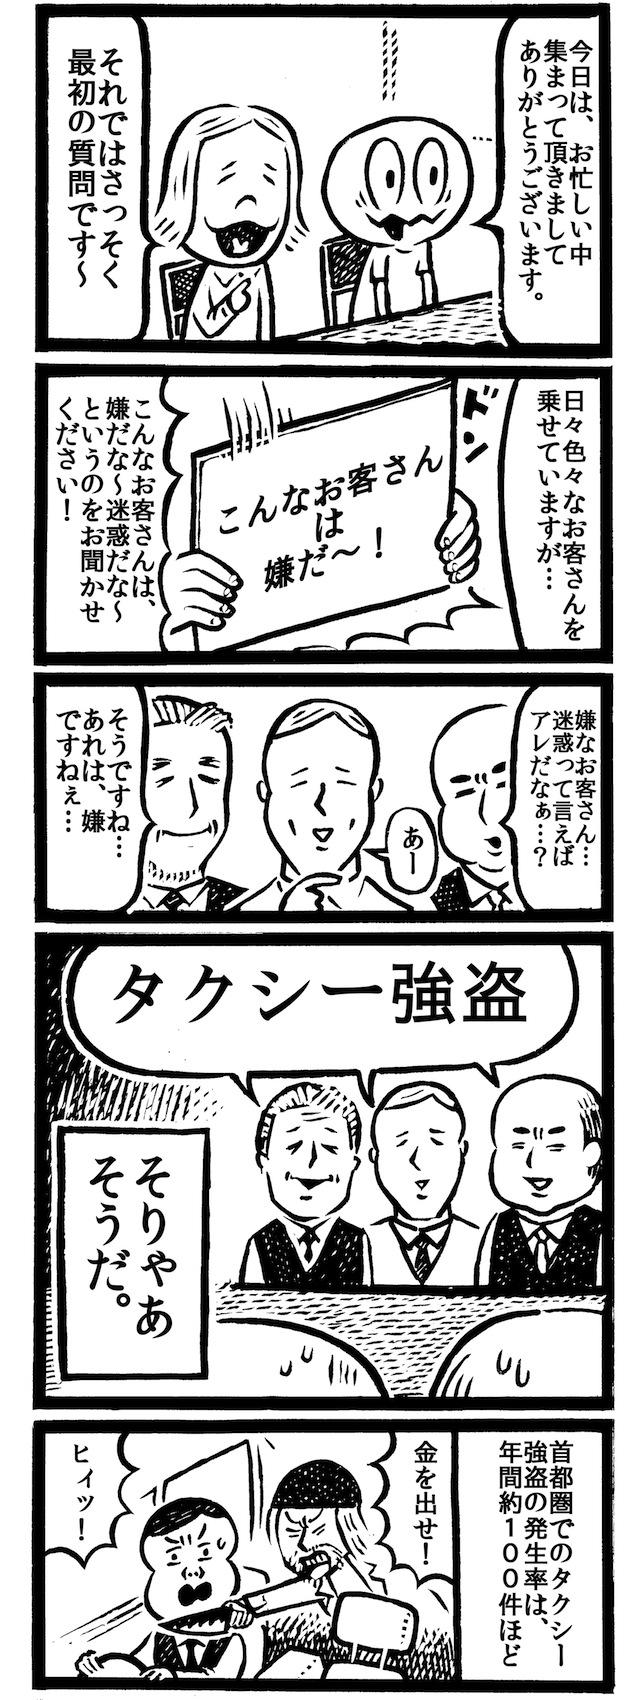 f:id:kakijiro:20151208235530j:plain